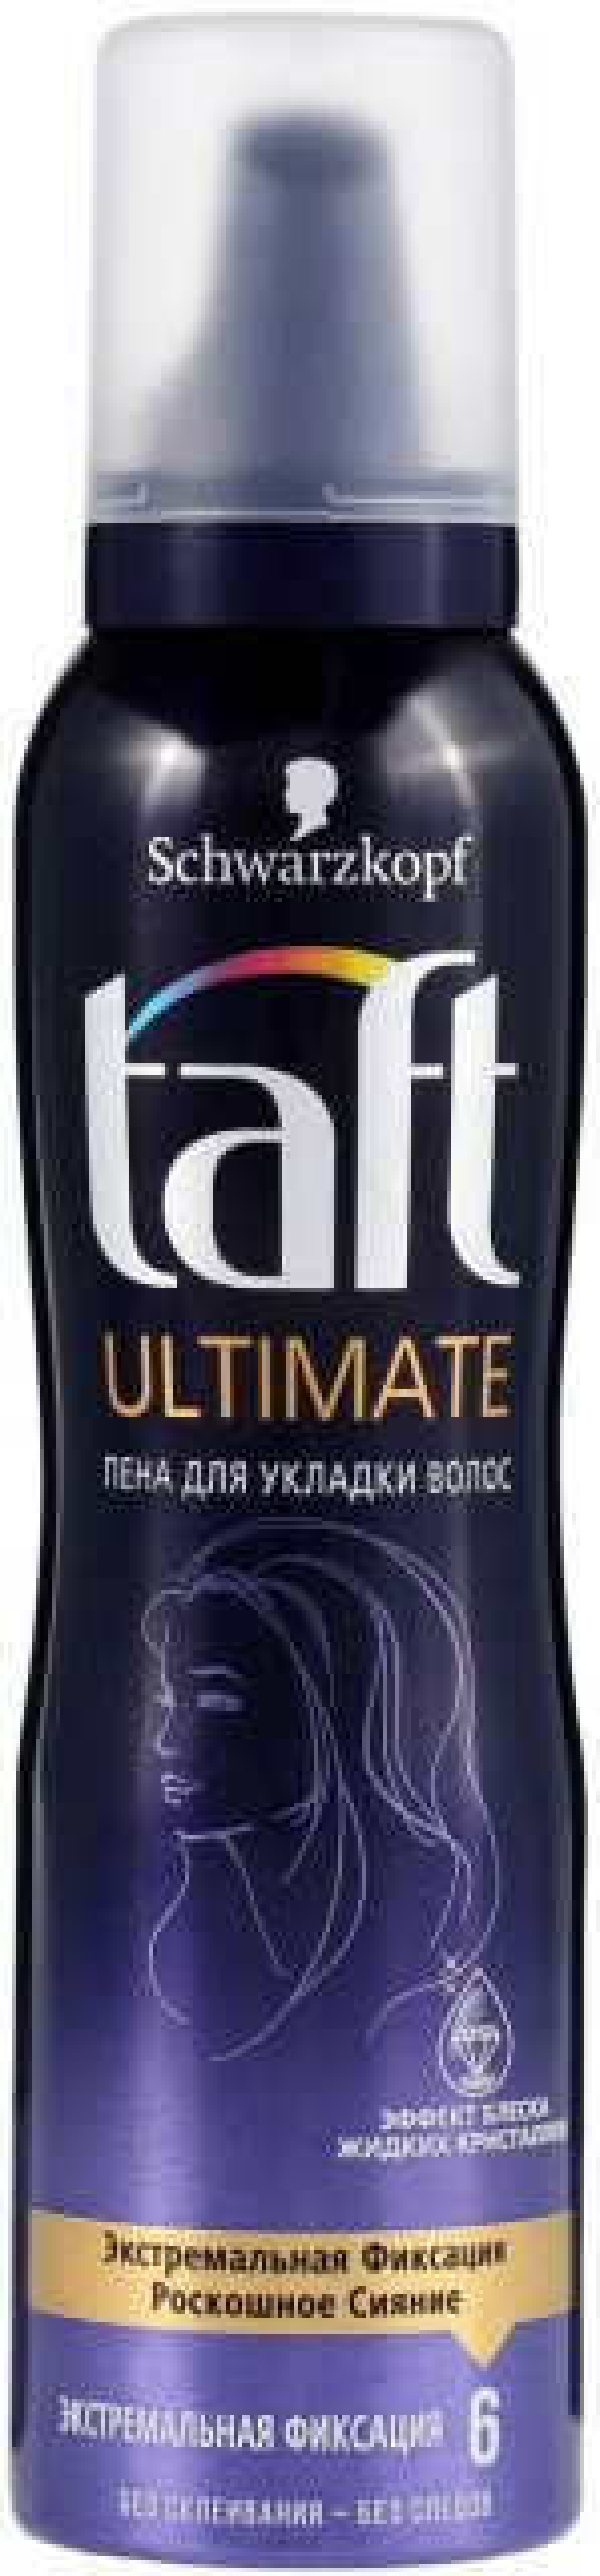 Тафт пена для волос Эффект сияющего блеска 150мл купить в Москве по цене от 0 рублей